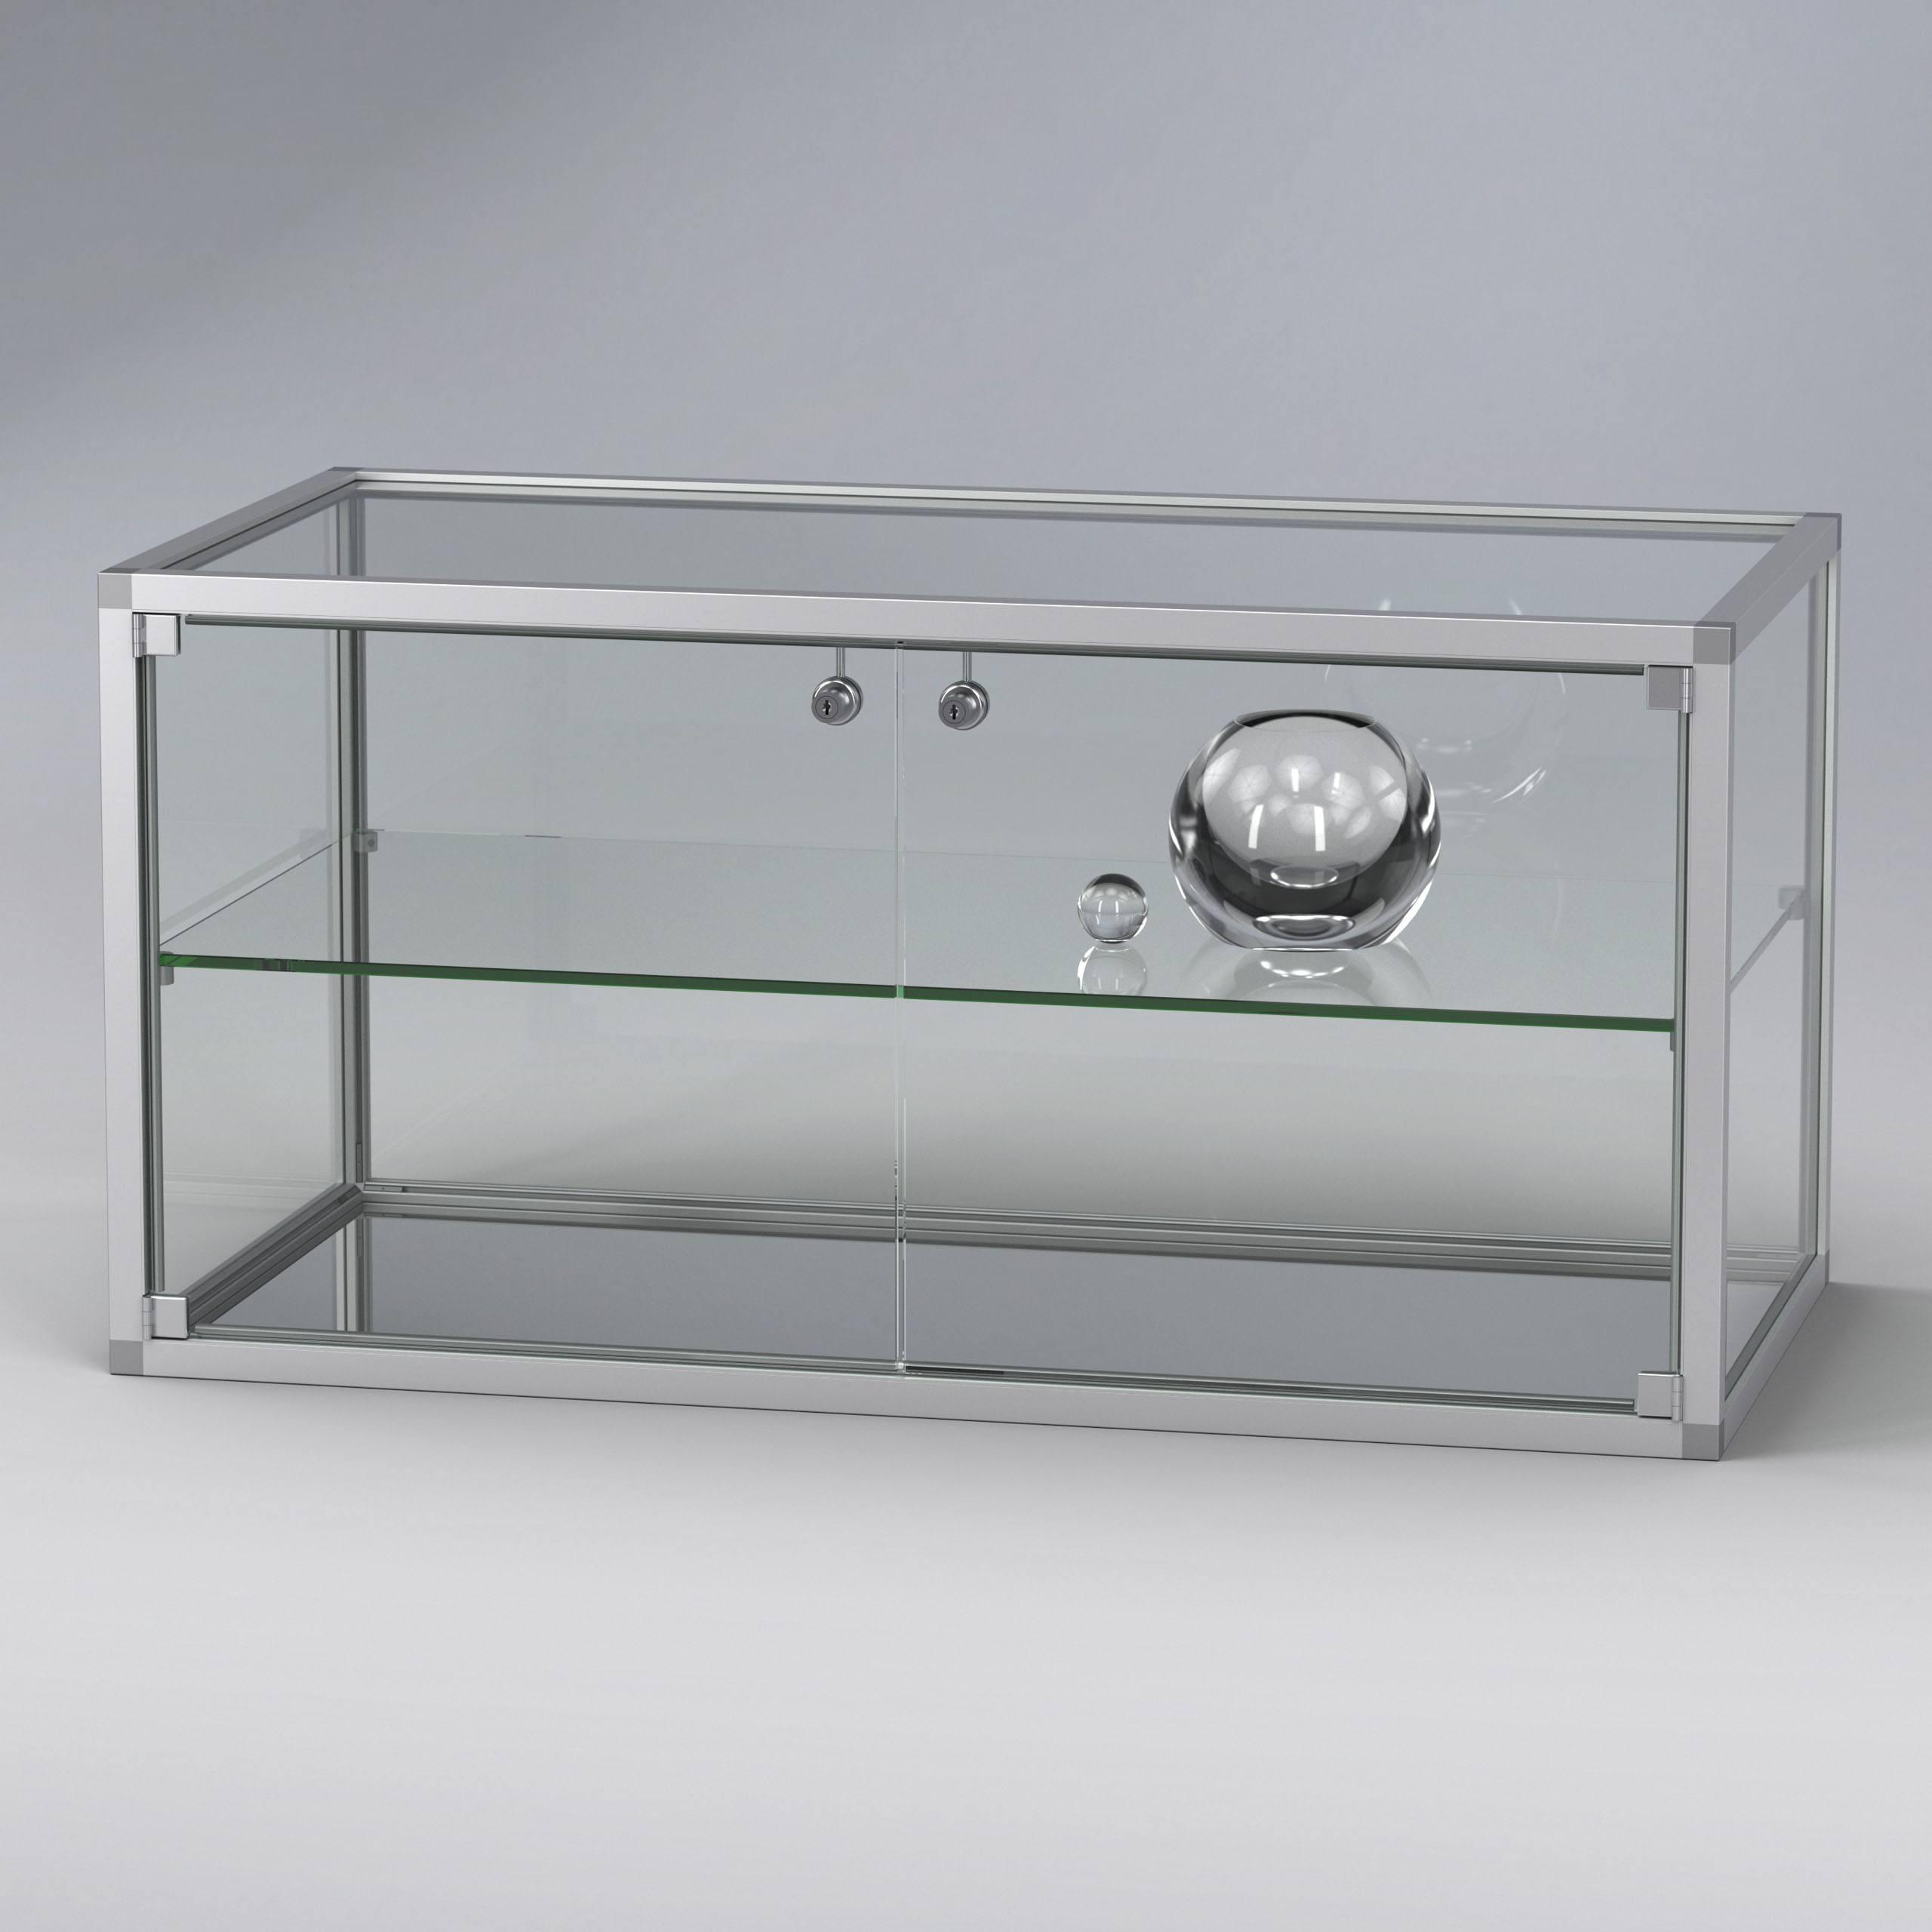 KUBUS Quader Vitrinenenelement Glas und Aluminium